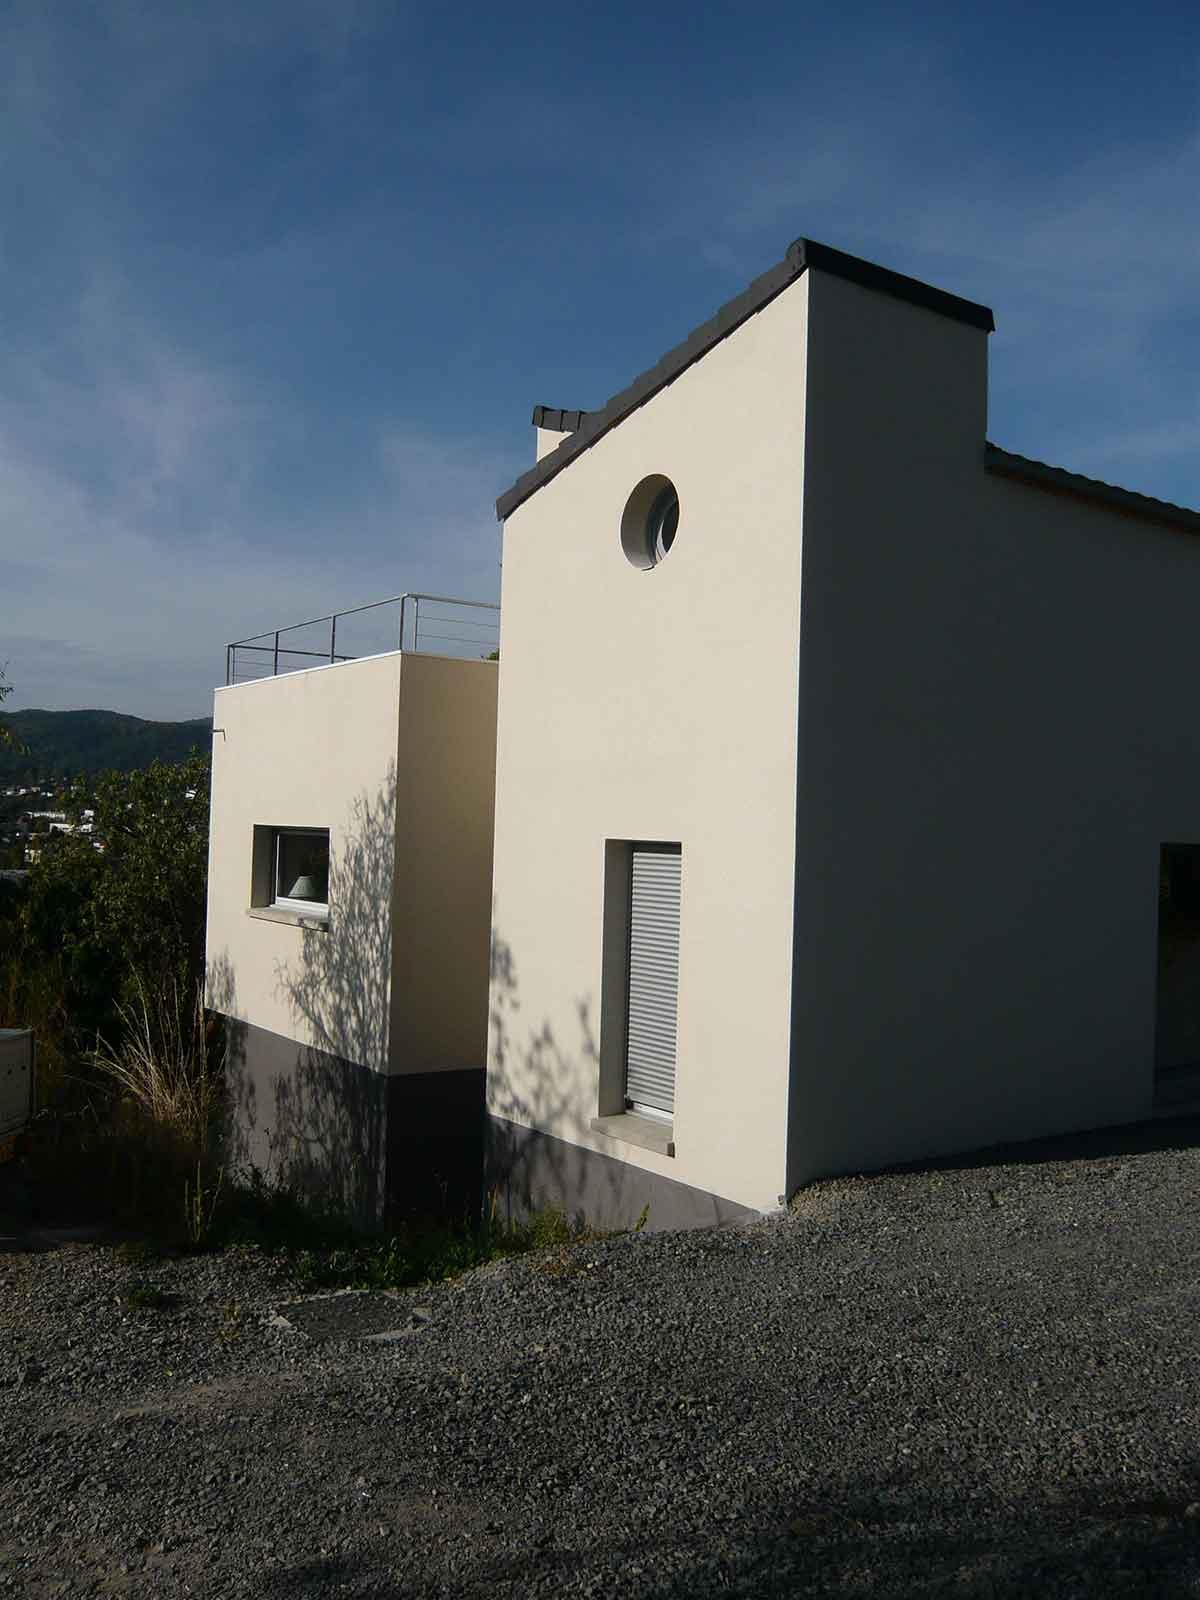 Pignon de la maison de Clermont Ferrand